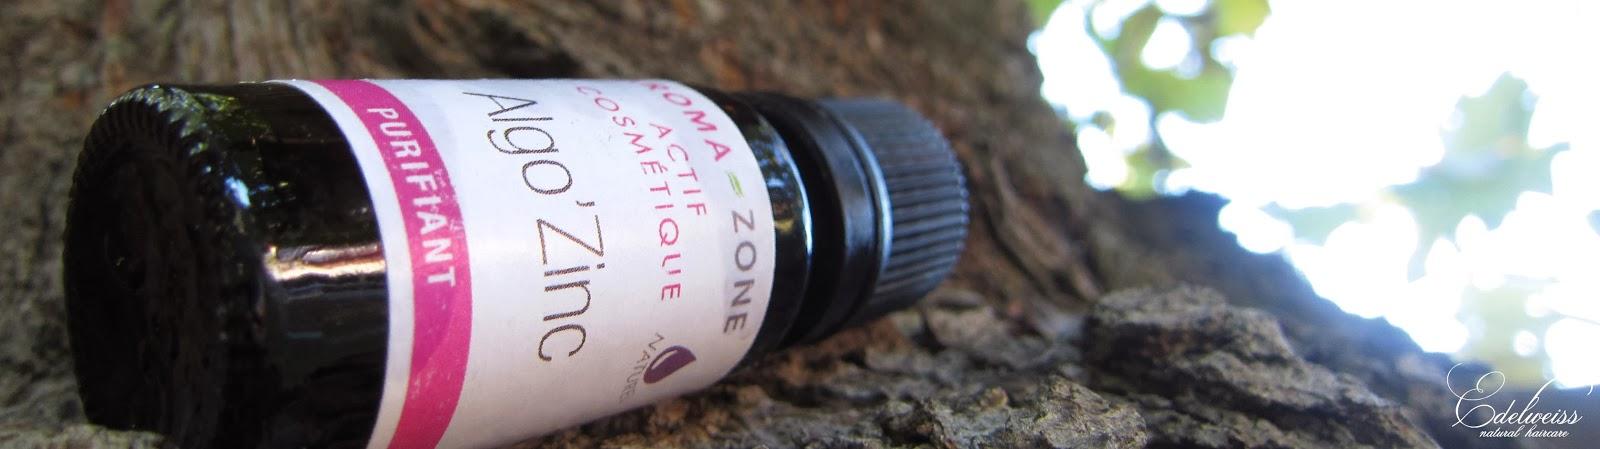 journal capillaire d 39 edelweiss d zingons la dermite s borrh ique. Black Bedroom Furniture Sets. Home Design Ideas